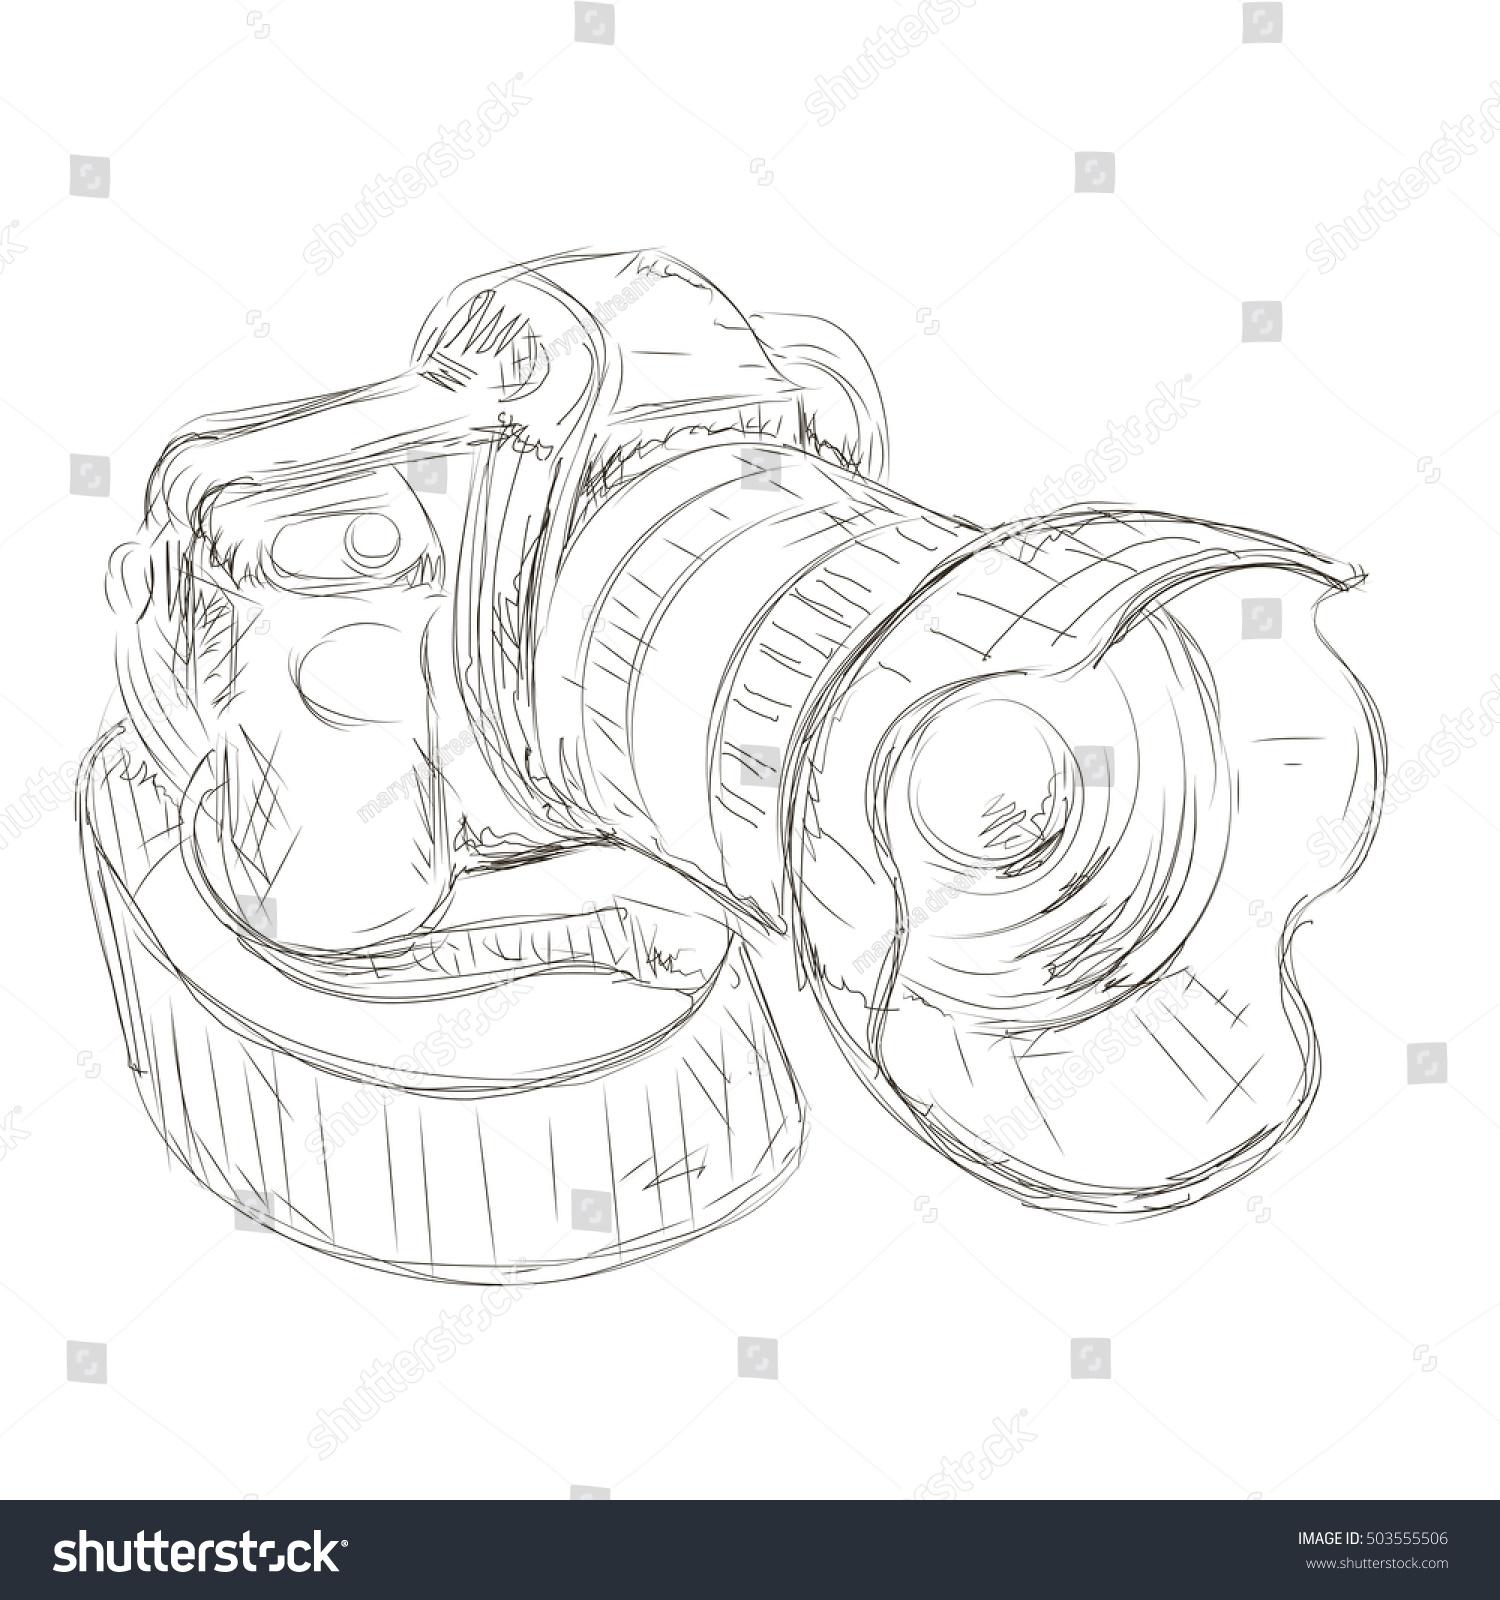 Camera pencil sketch